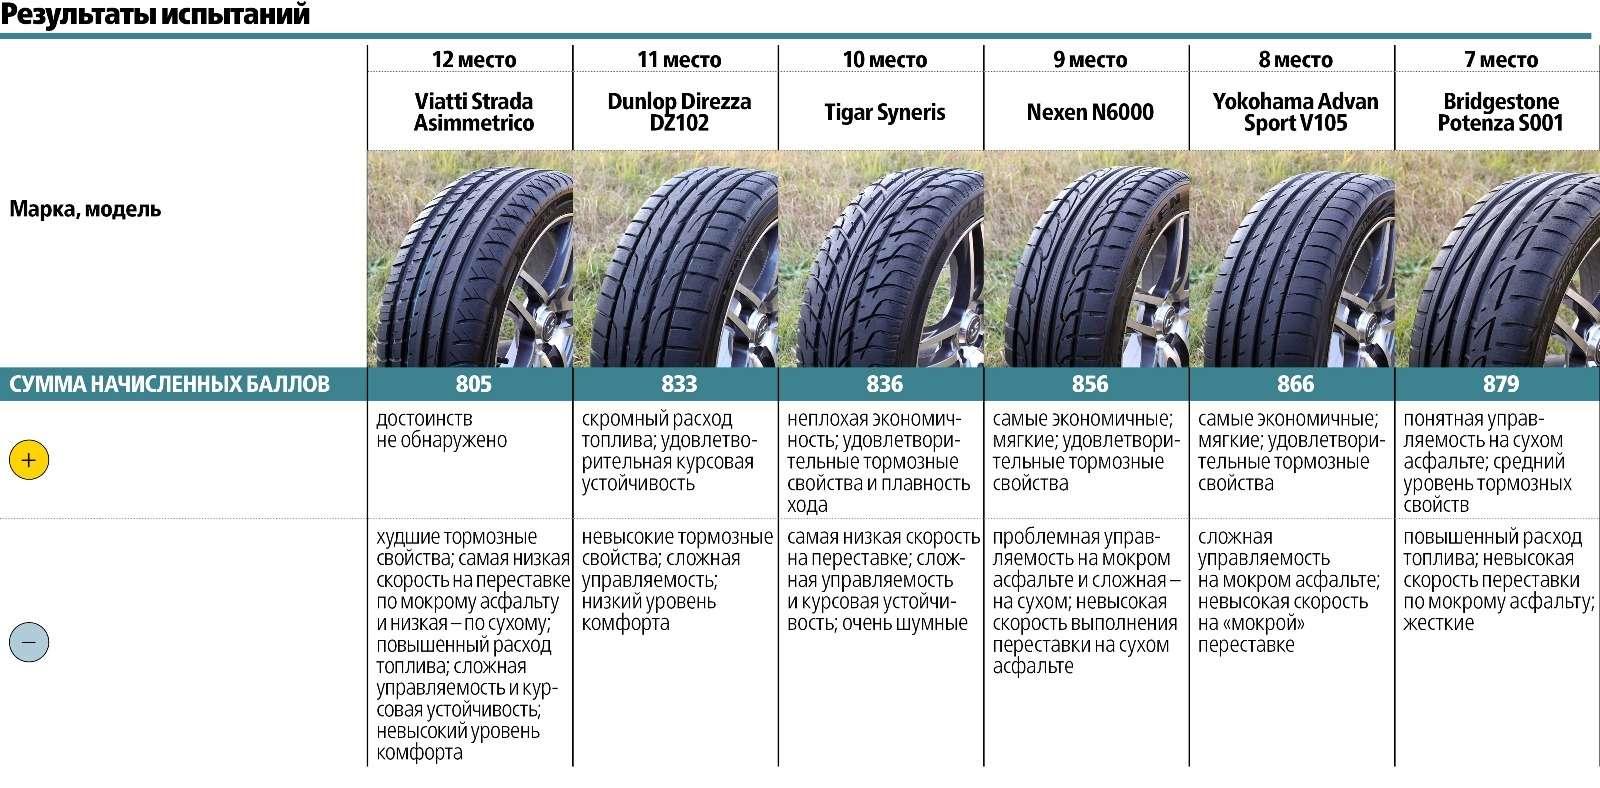 Сравнительный тест высокоскоростных летних шин 225/45R17: заложники скорости— фото 572967